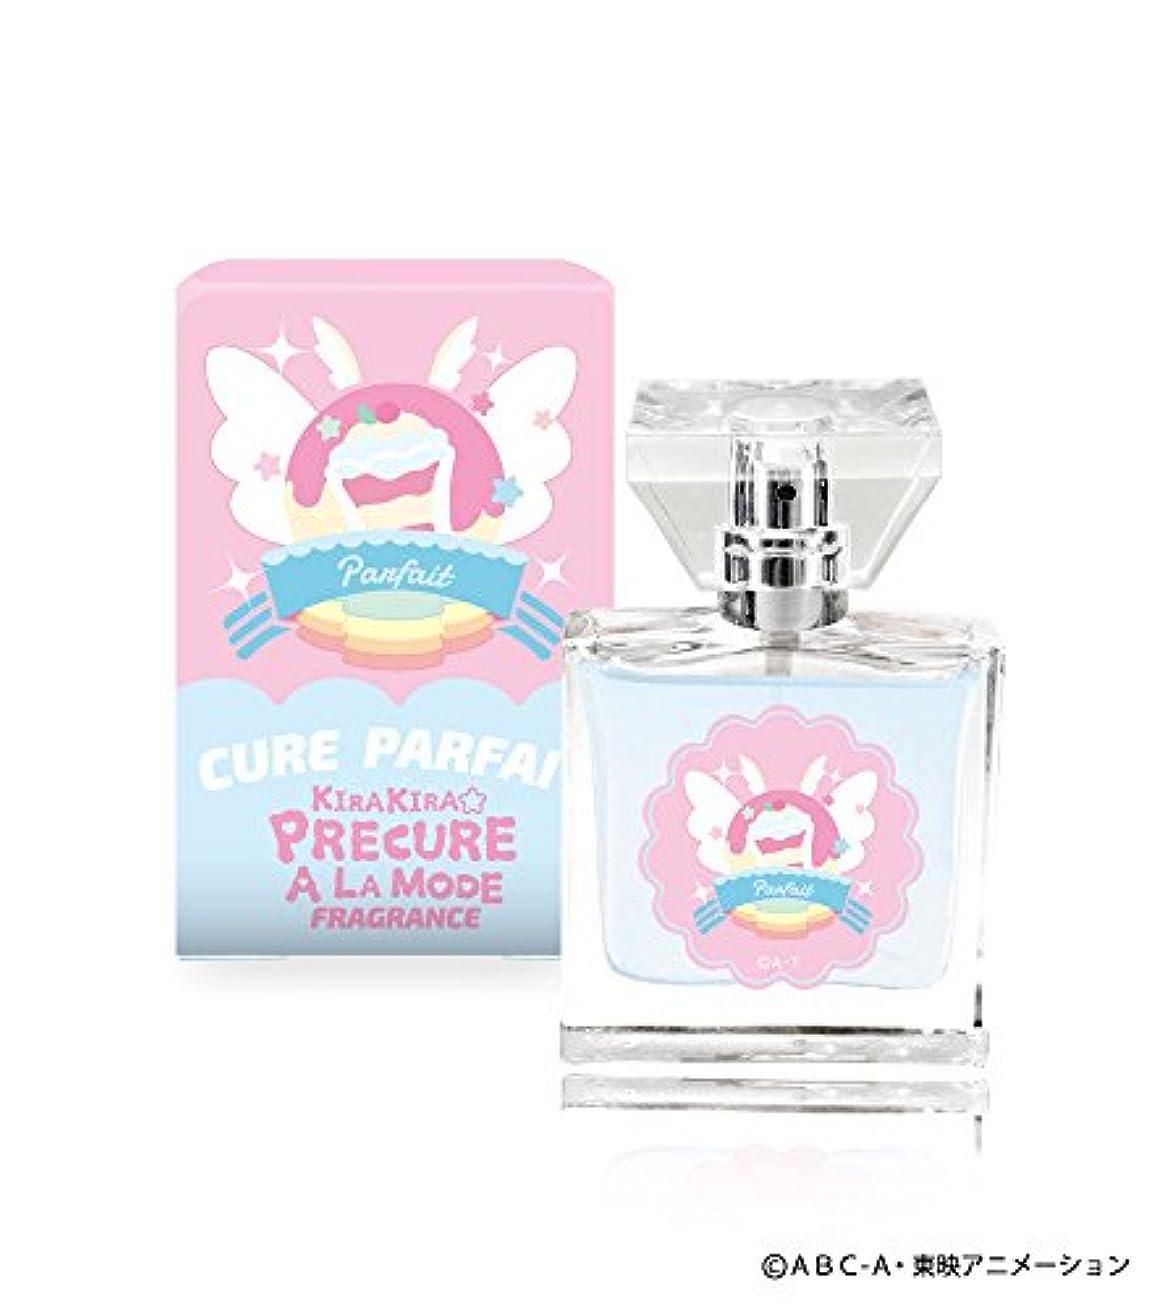 正規化スーパーマーケット期待してプリマニアックス キラキラ☆プリキュアアラモード フレグランス キュアパルフェ